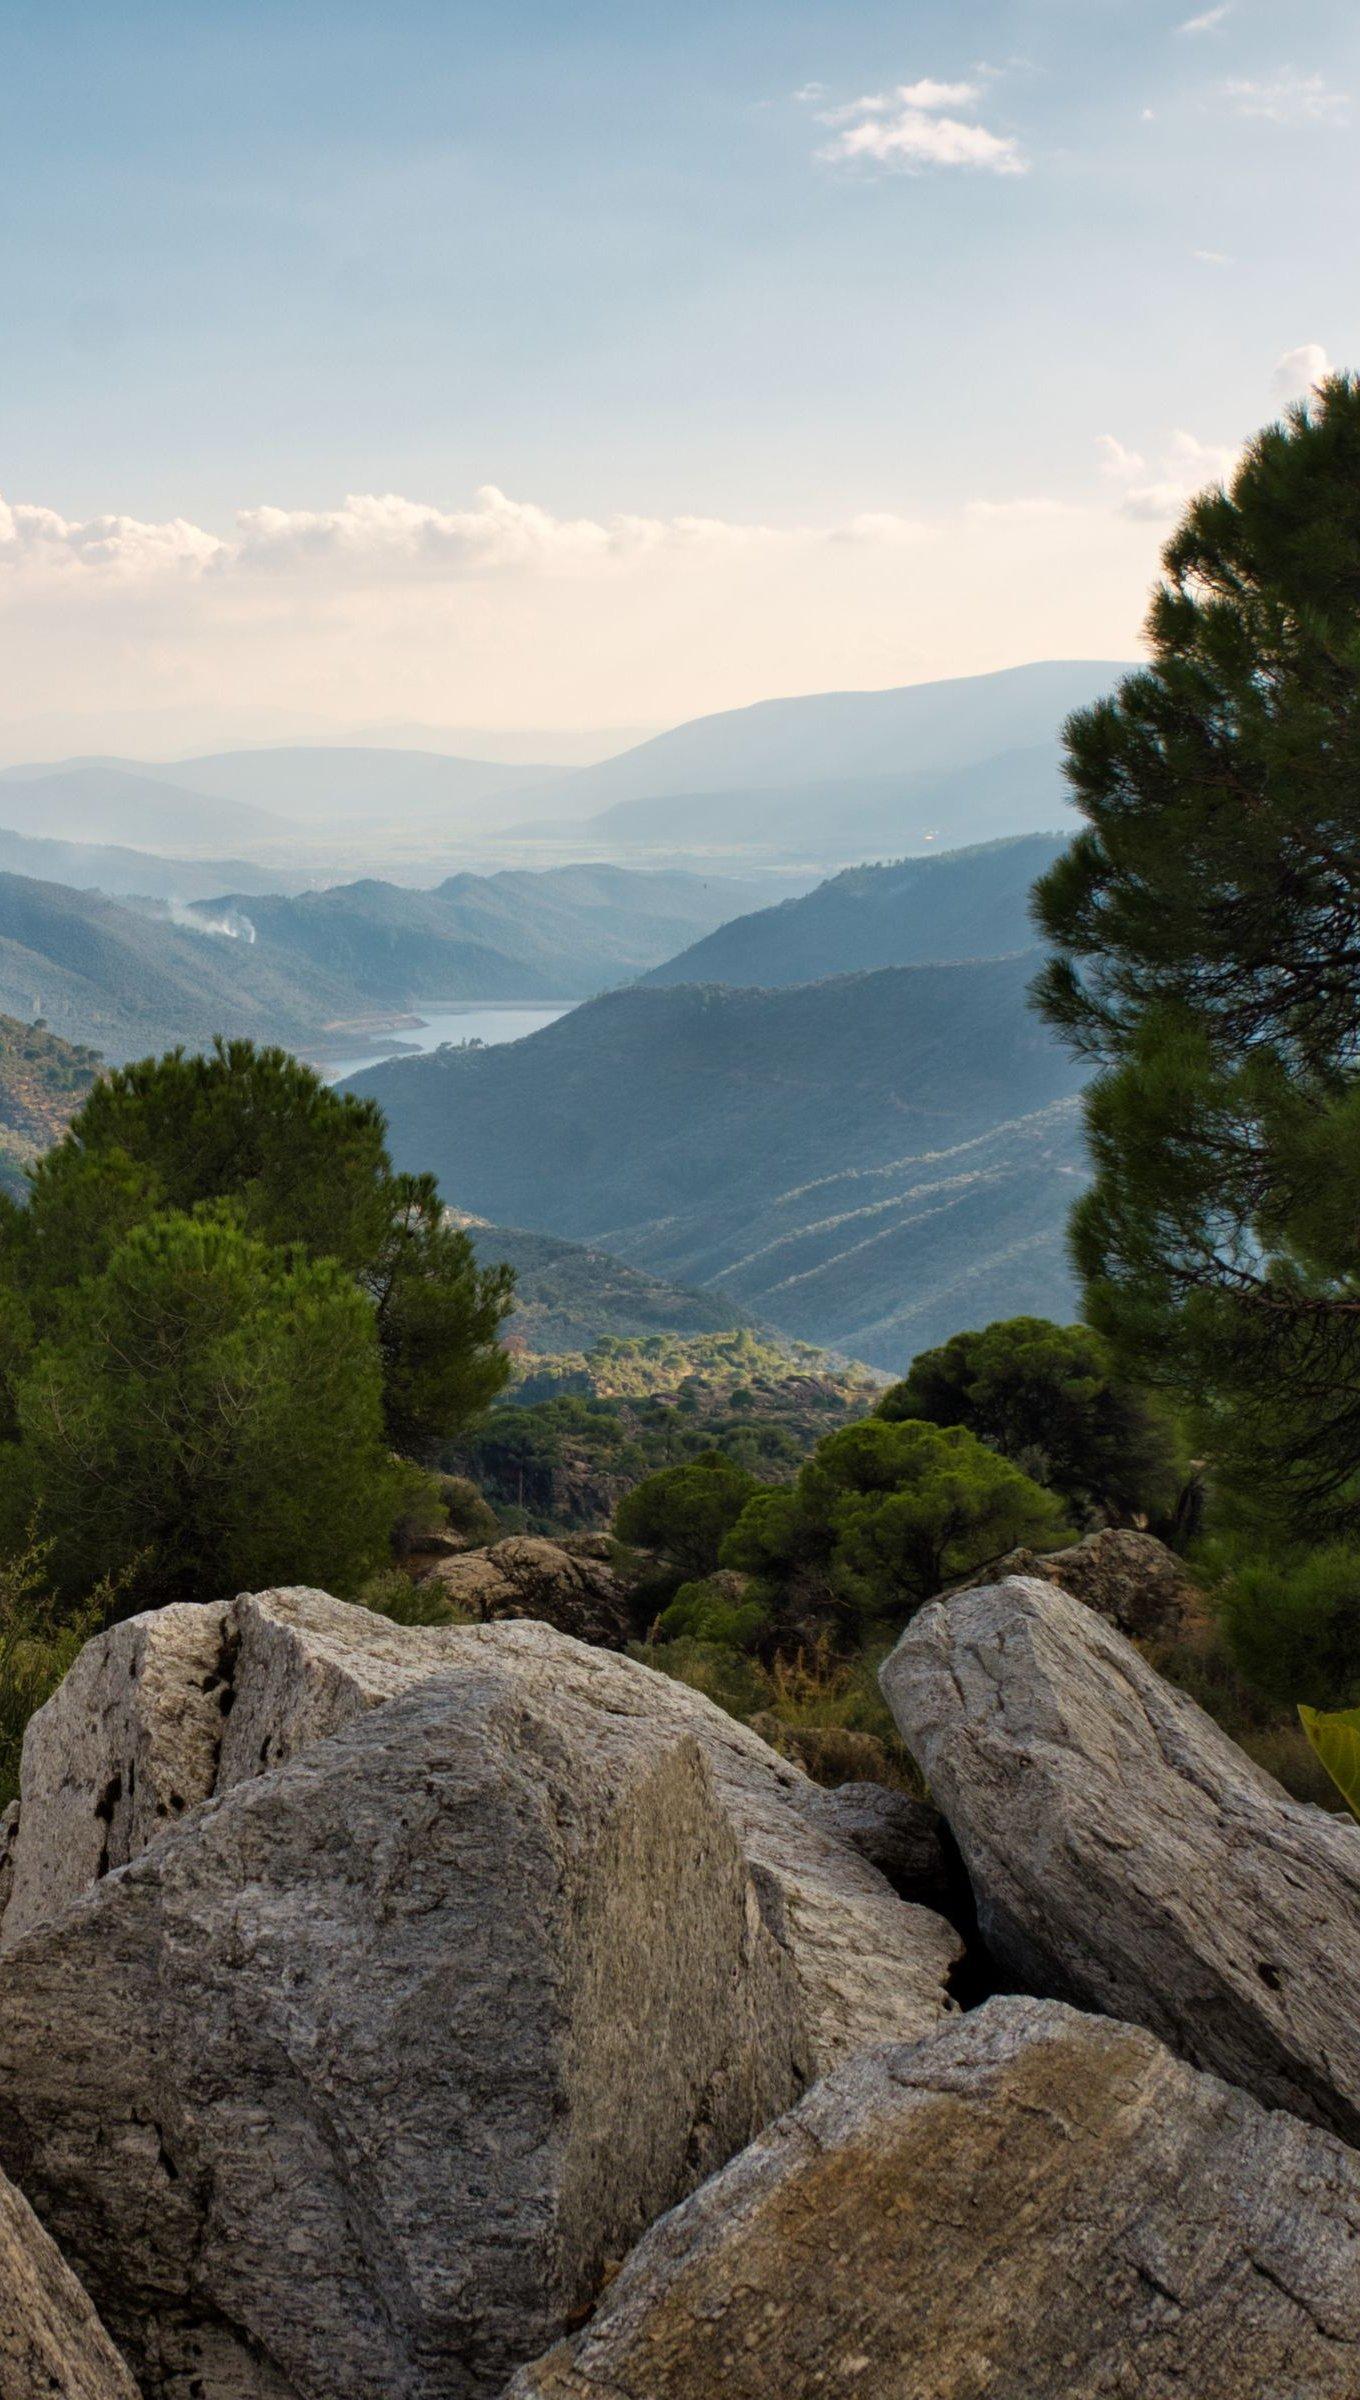 Fondos de pantalla Vista desde una montaña en el bosque Vertical